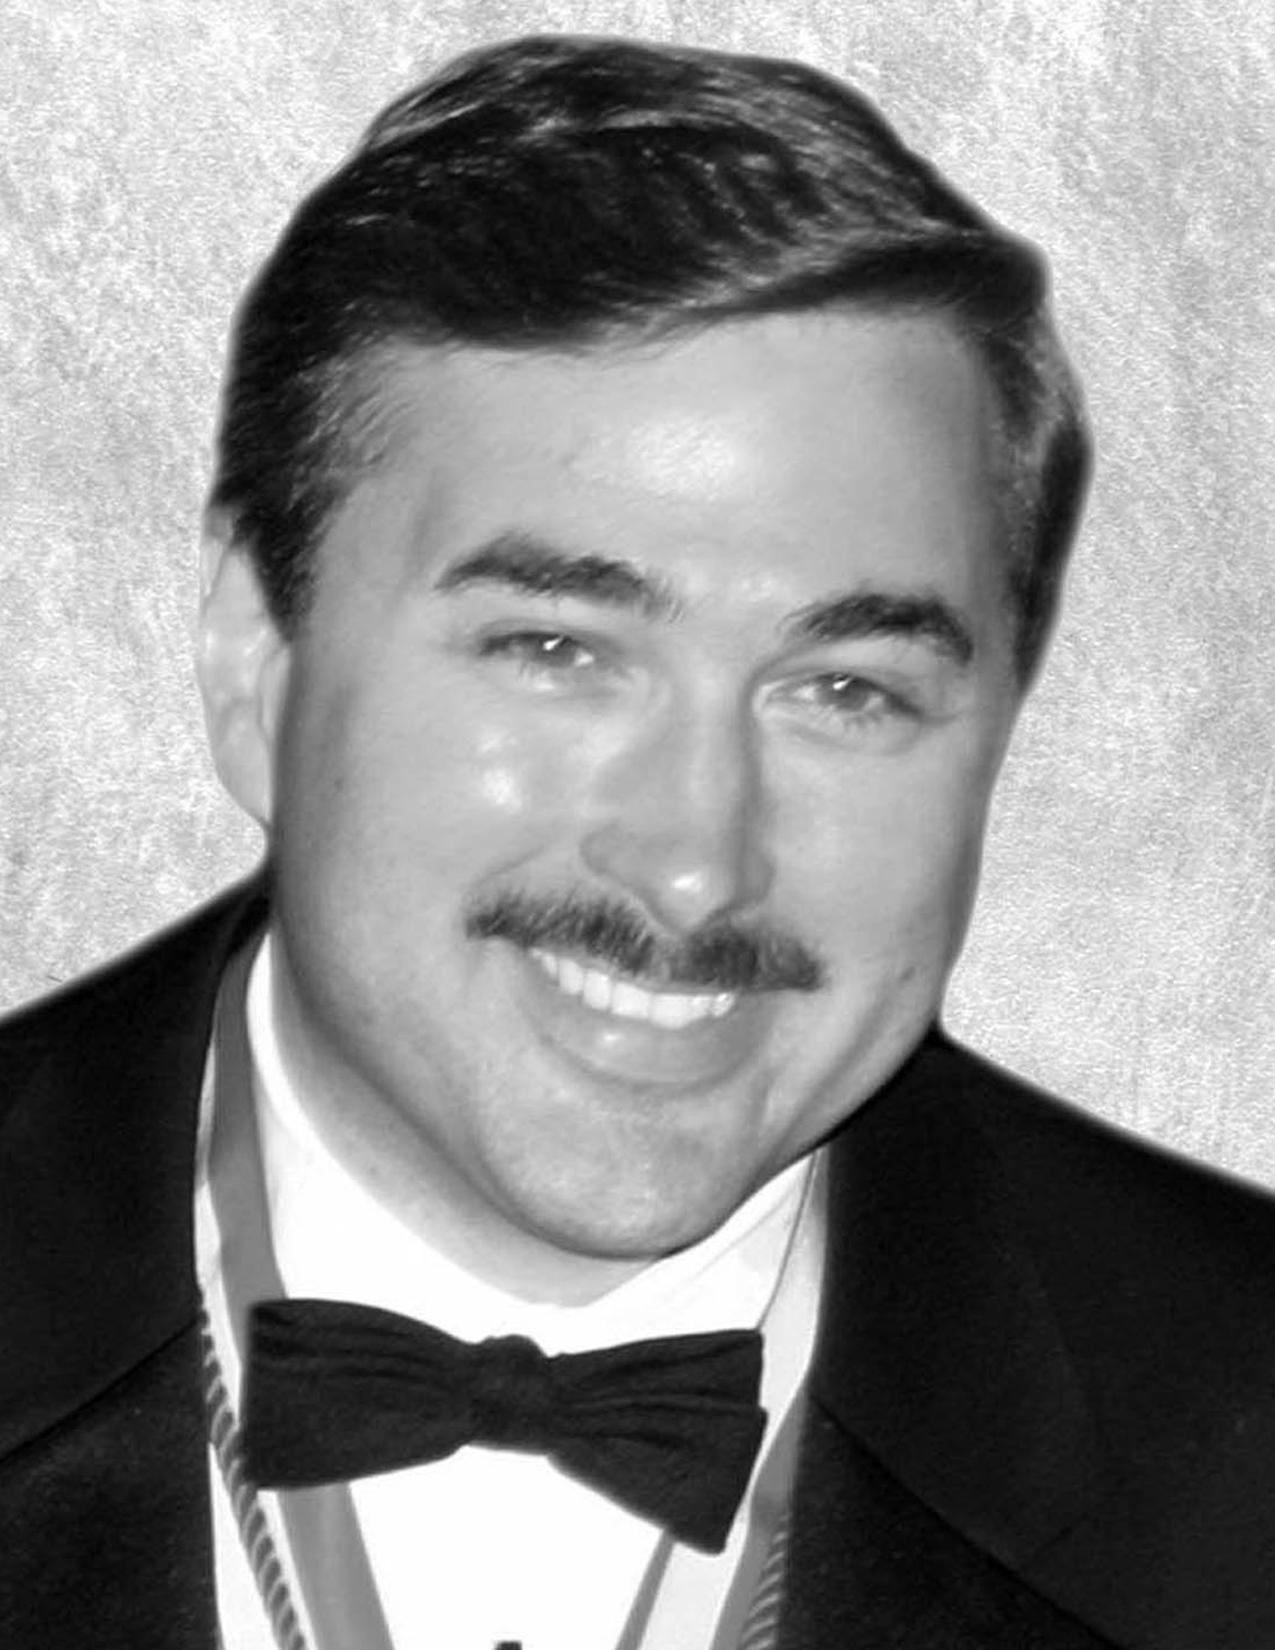 Mark A. Fite